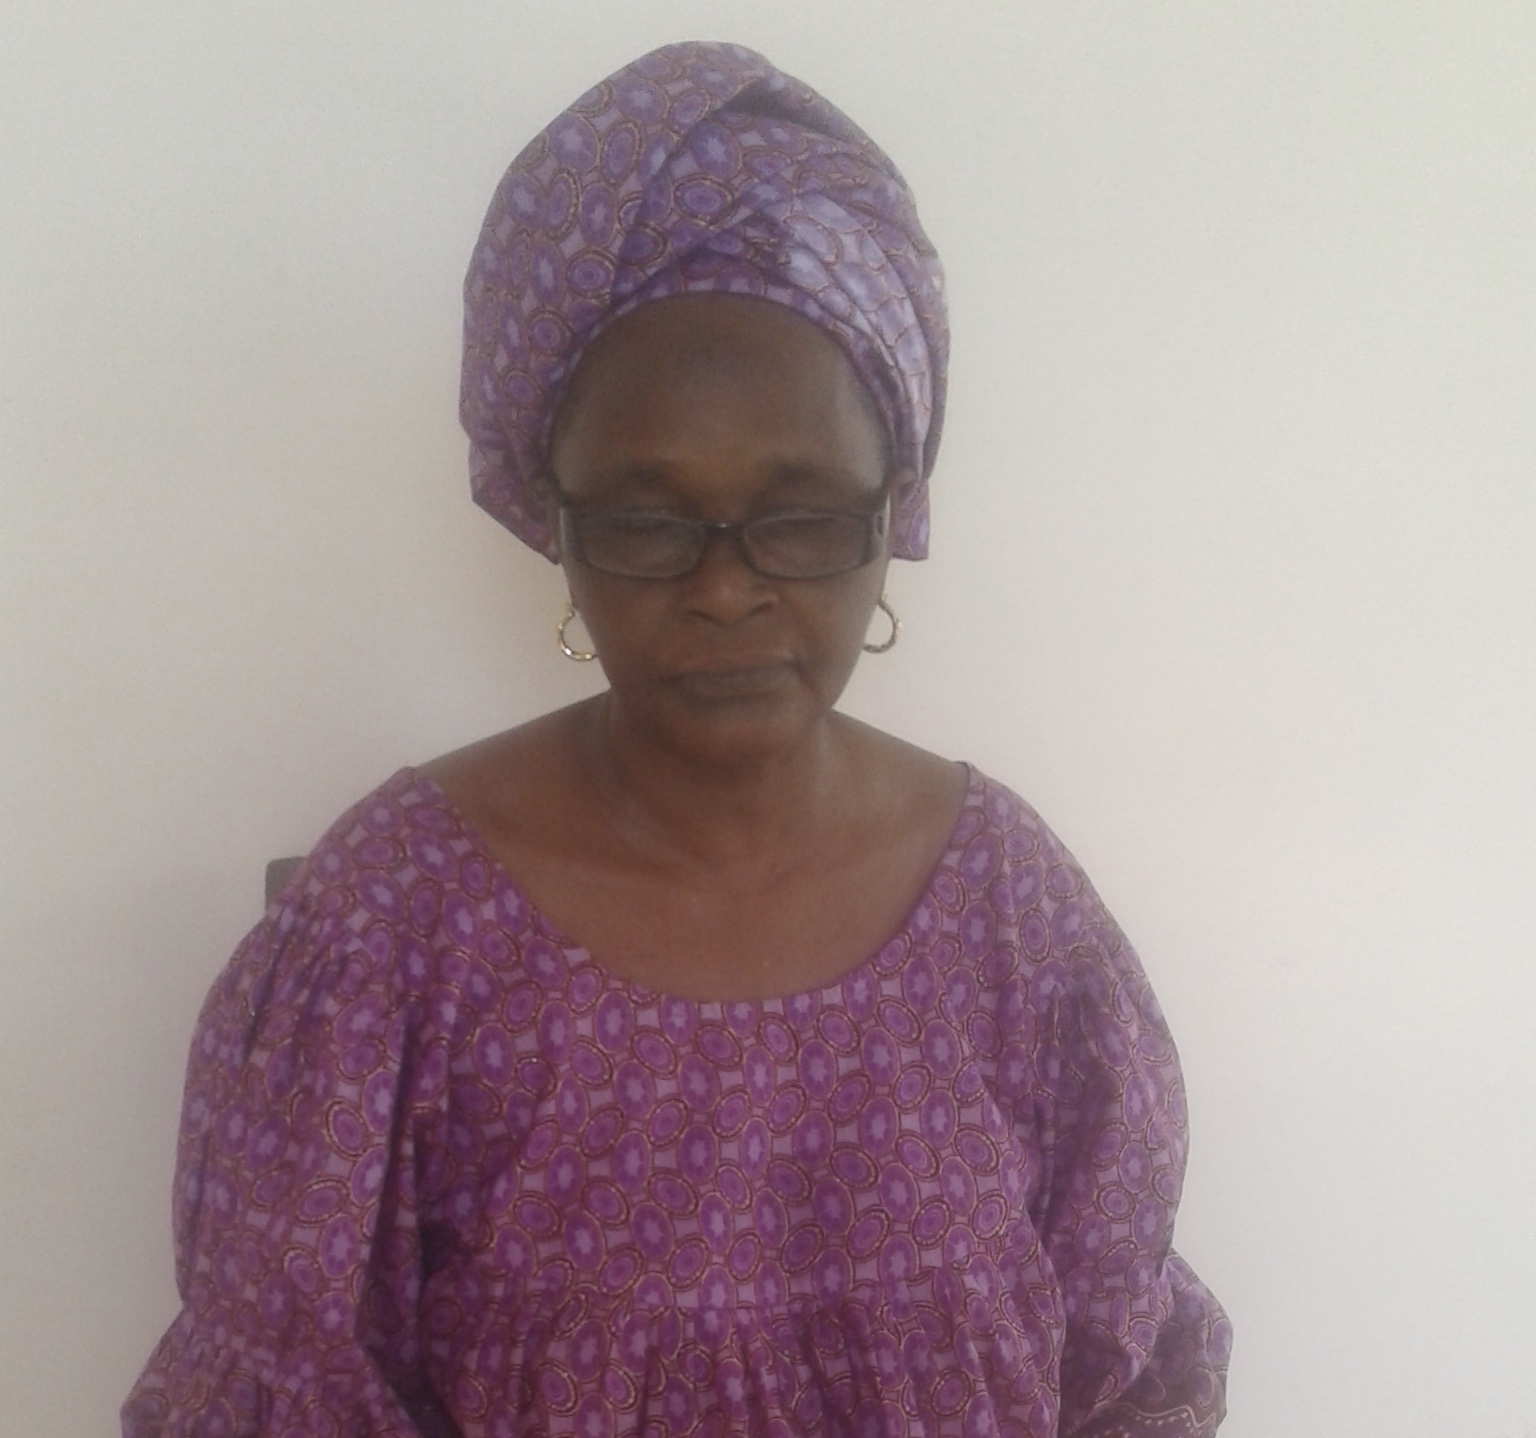 KOLDA : Aminata Baldé épouse de feu le colonel Foula Baldé et amie proche de Bruno Diatta témoigne : « Bruno Diatta est unique et irremplaçable… »